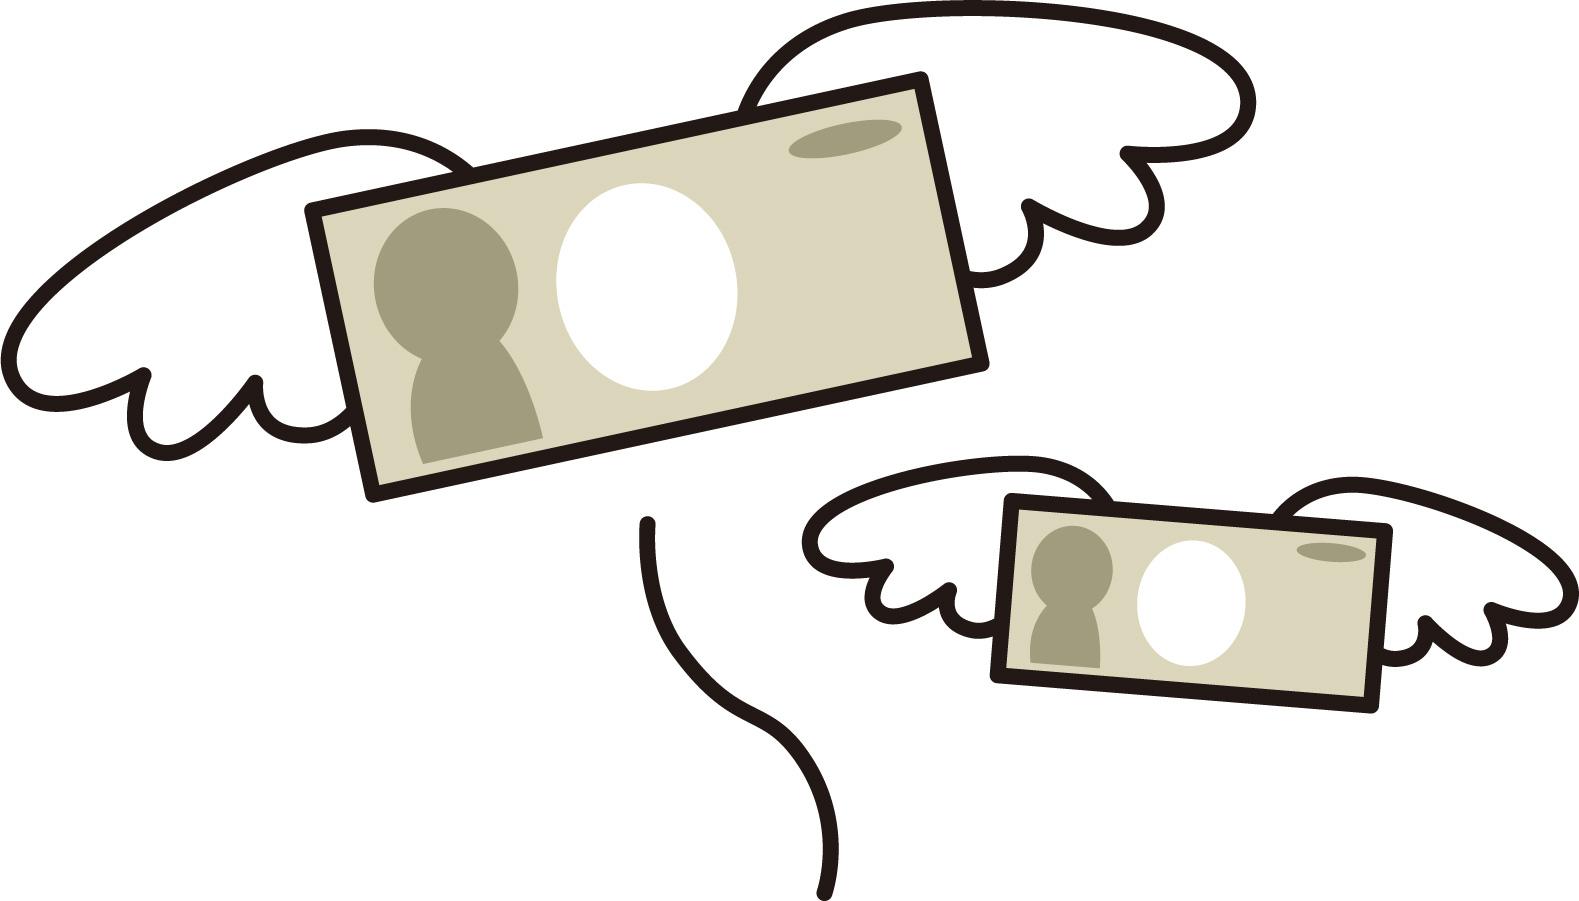 水商売で生きてきたアルツハイマーの女性が彼氏に金を渡すように